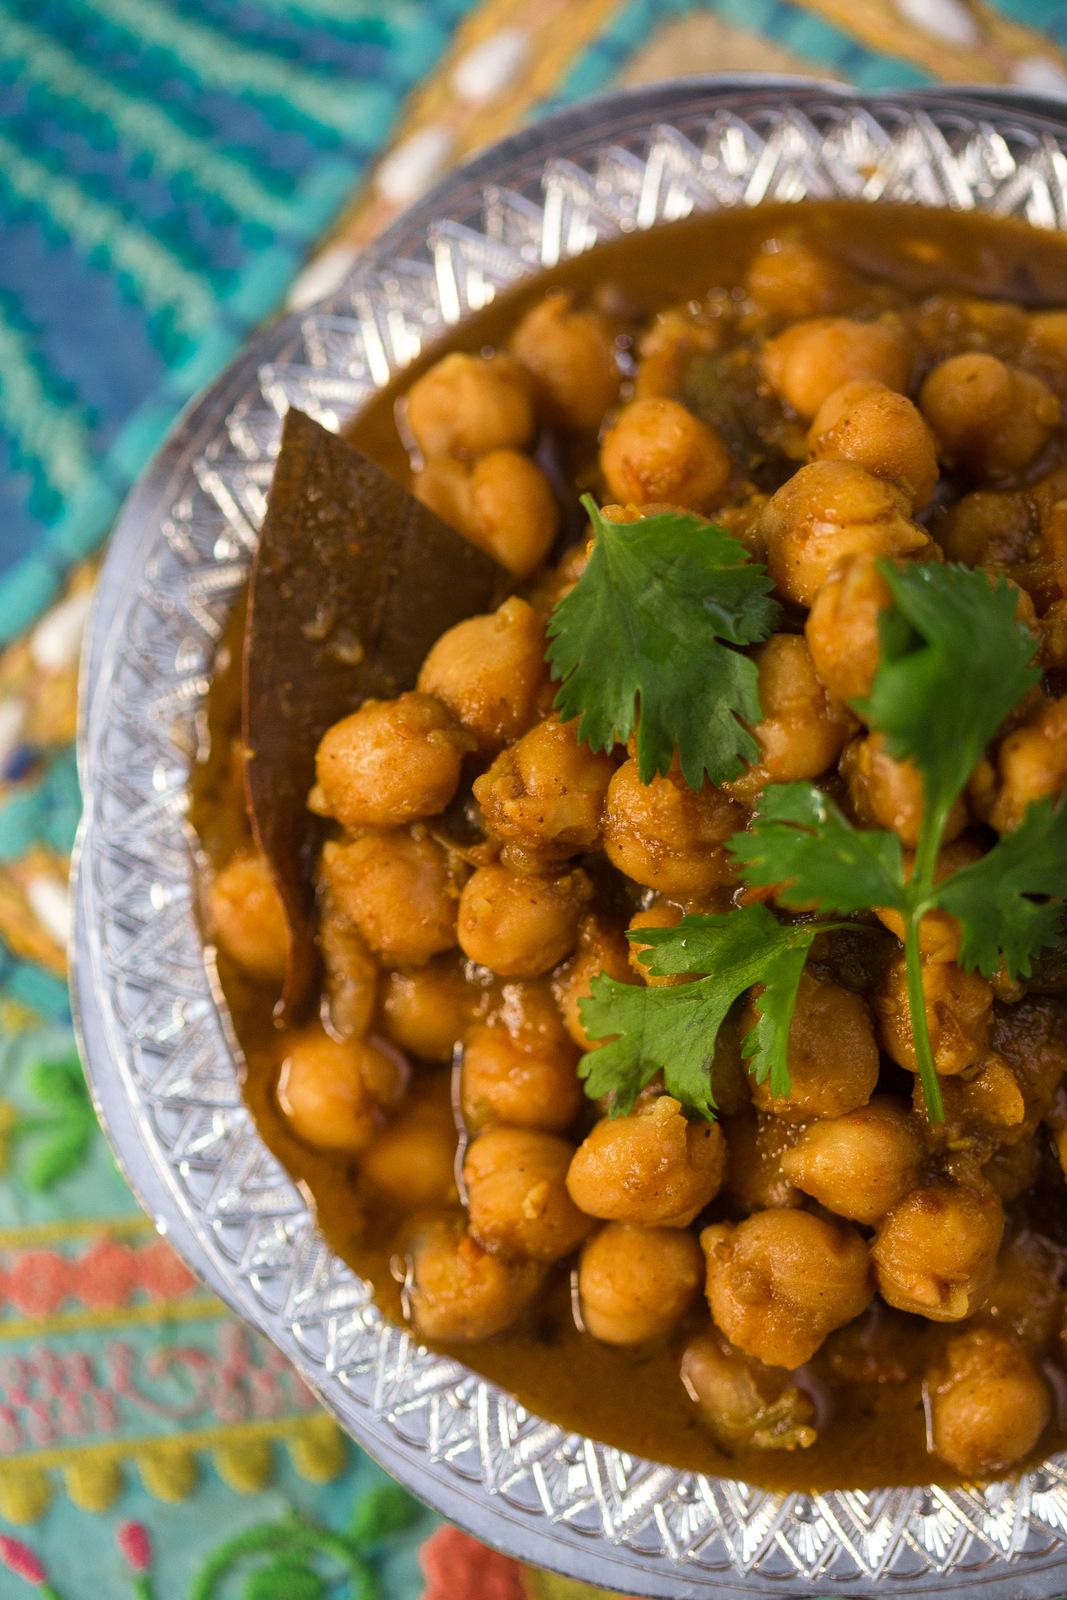 instant pot chole recipes, chole recipes, healthy recipes, instant pot, instant pot lovers, chickpea recipes, foodblog, food photography, instant pot amazon, Instant pot chickpea curry, punjabi chole recipe, indian recipes, indian curry